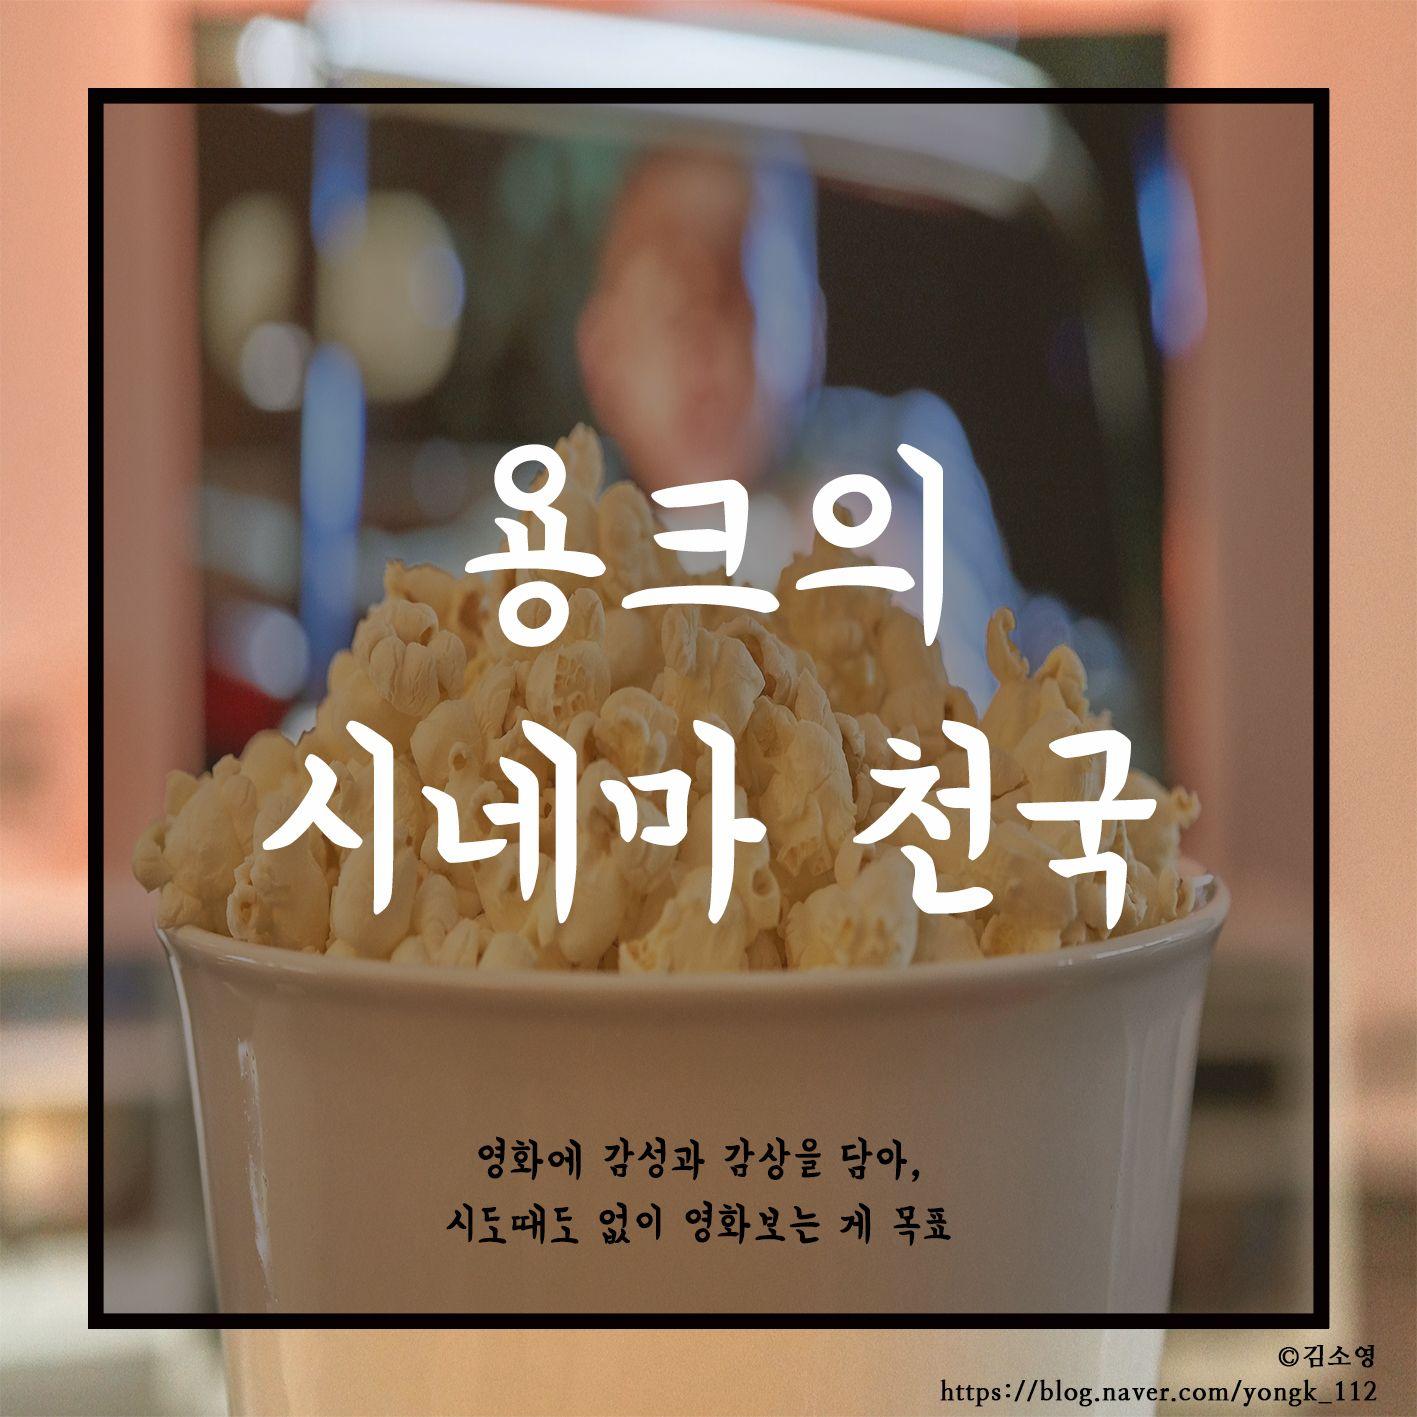 용크 님의 프로필 사진